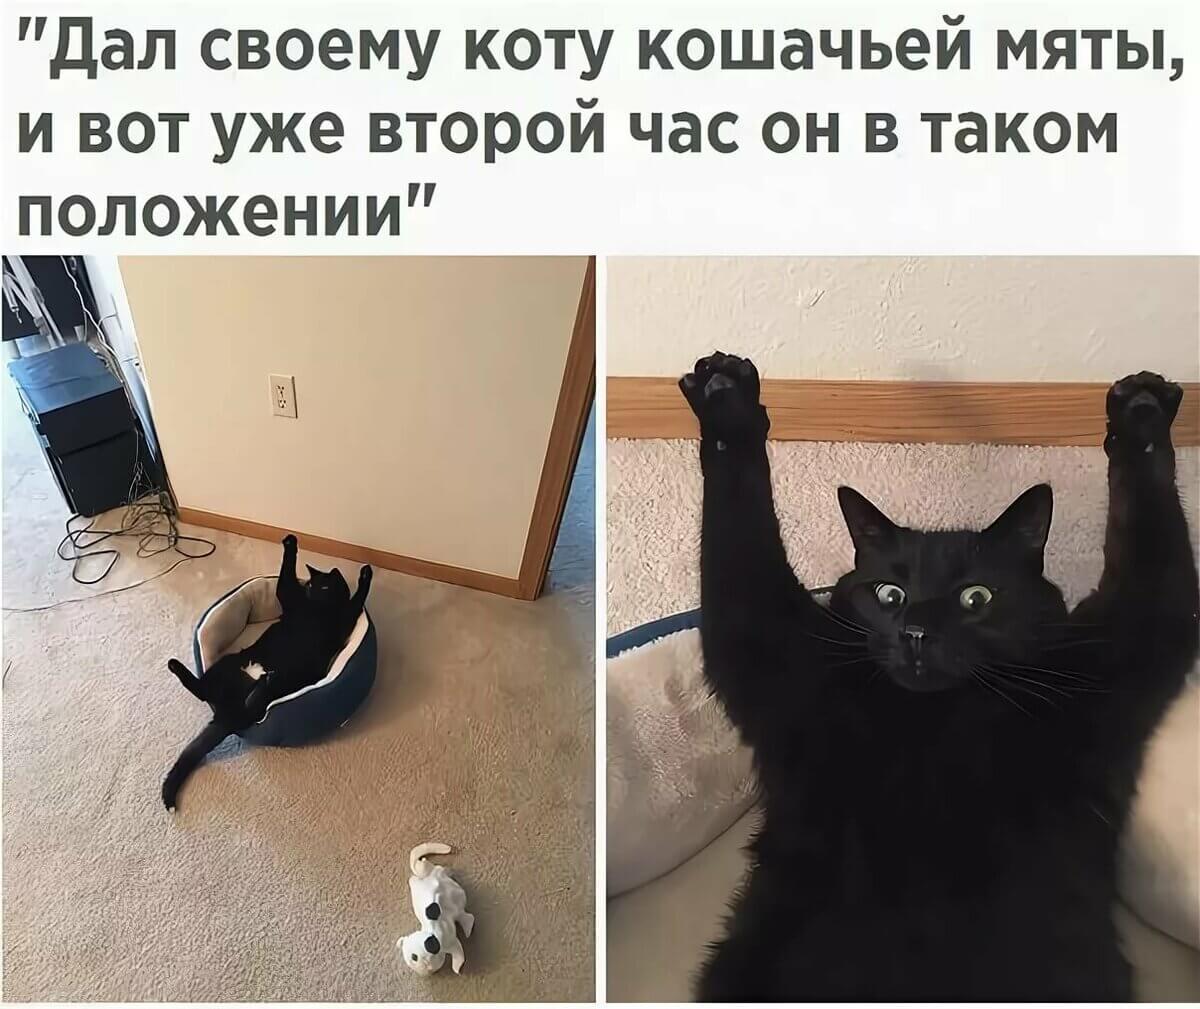 Прикольная картинка Кот и кошачья мята